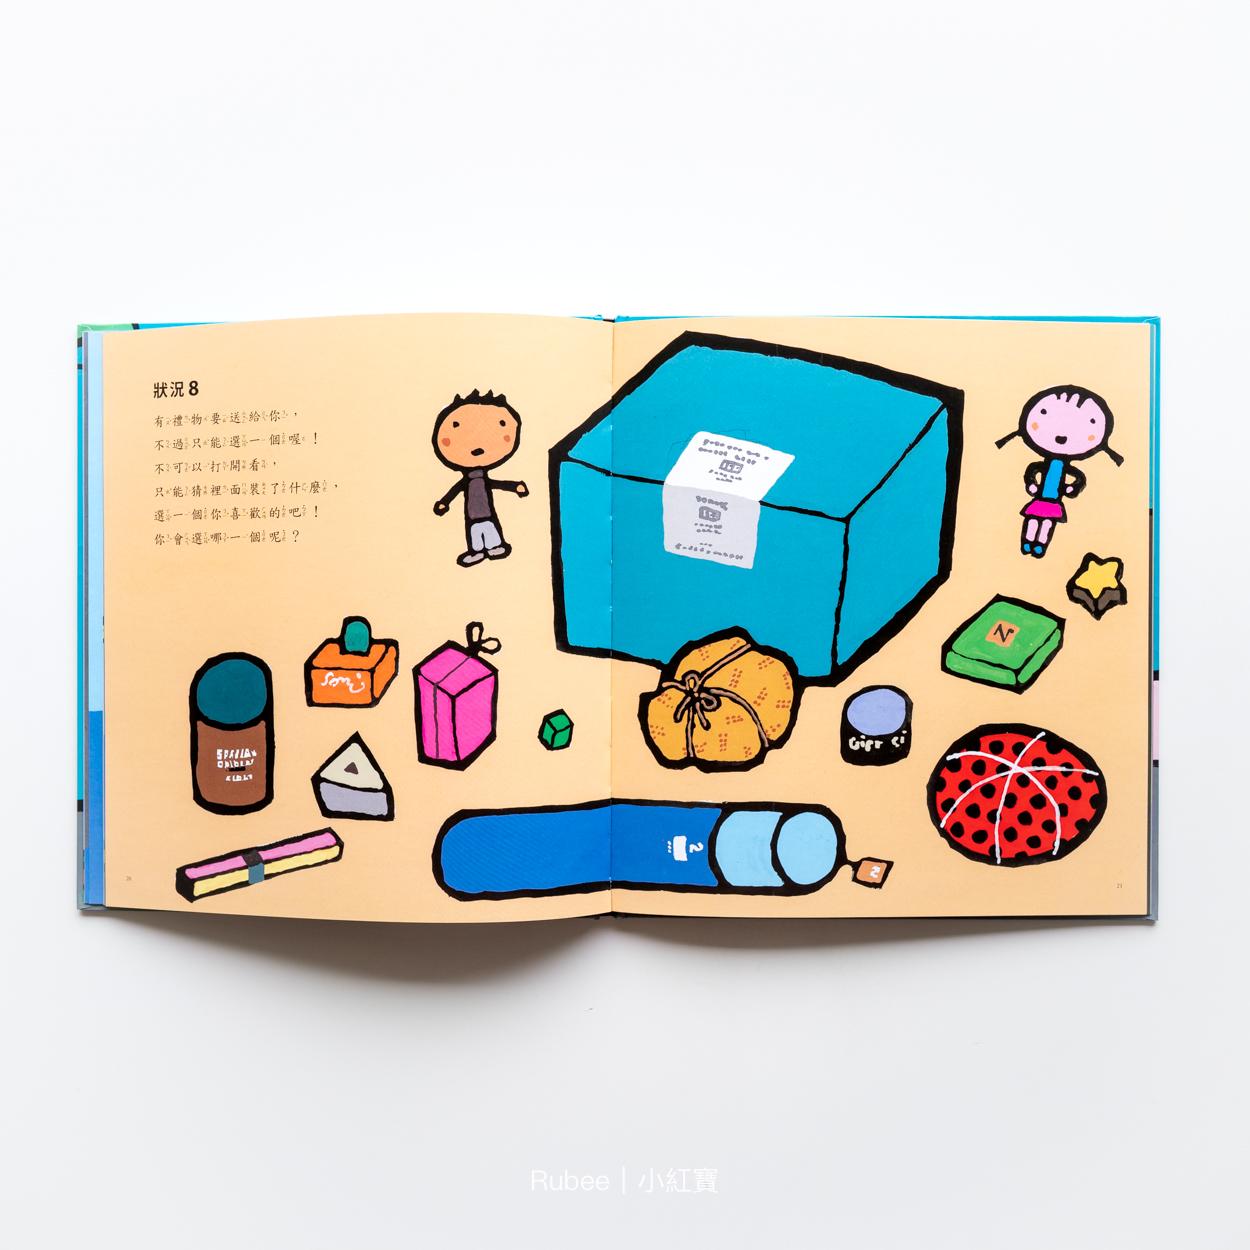 五味太郎繪本 遇到選擇時。你會怎麼做? – Rubee 親子共讀 – Rubee。小紅寳